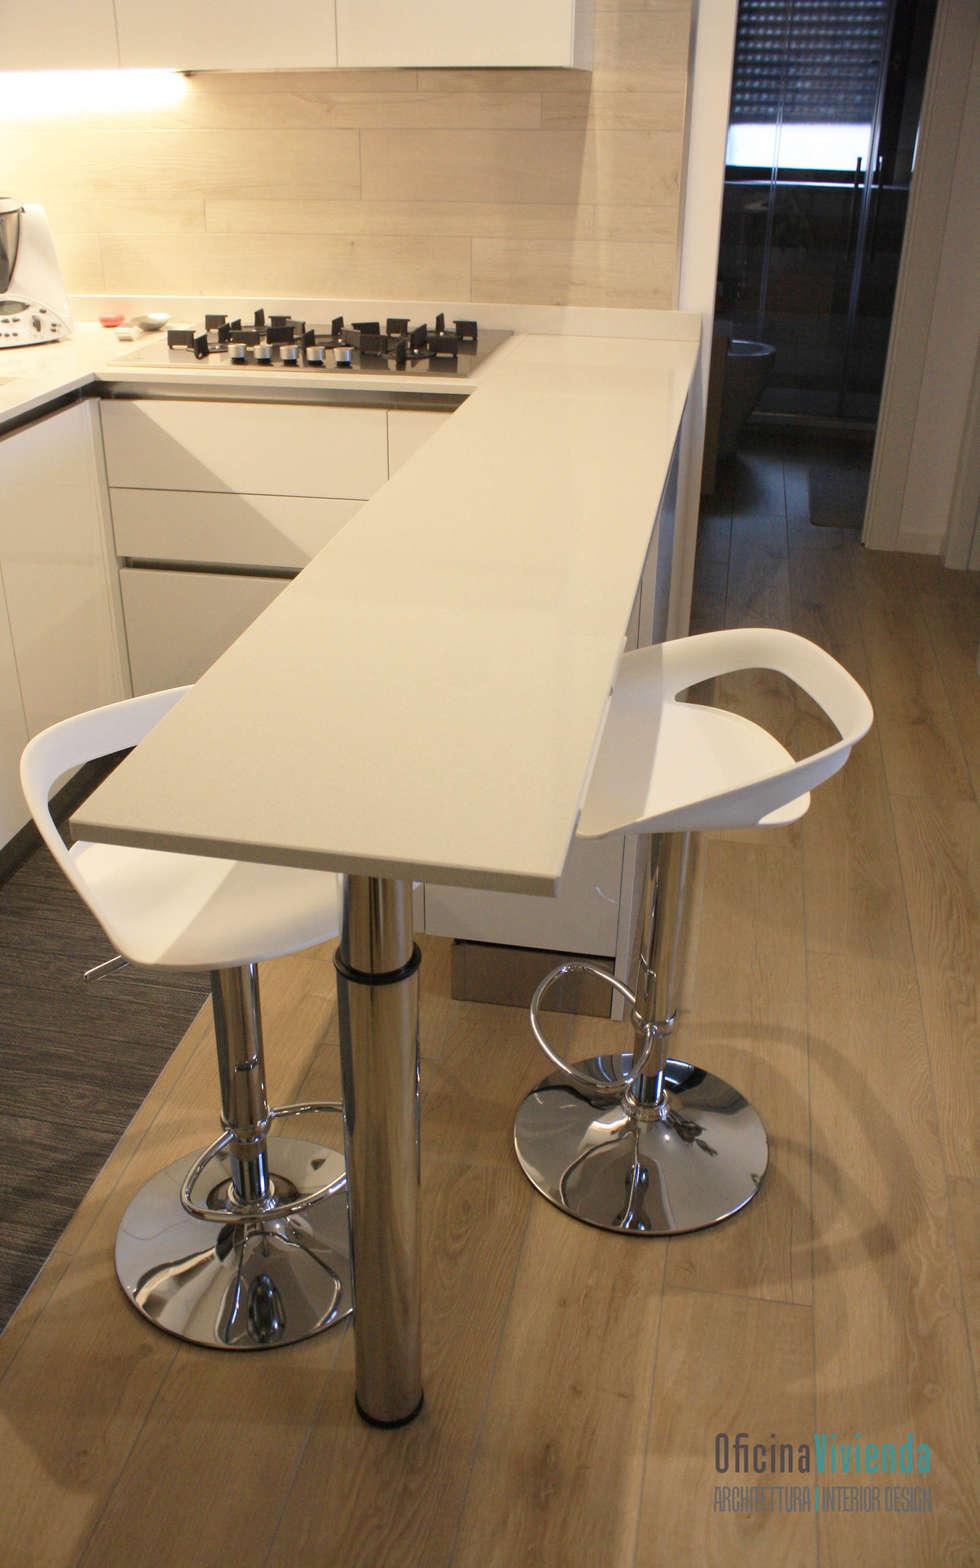 Un nido per due _ cucina: Cucina in stile in stile Moderno di OficinaVivienda _ architettura I interior design